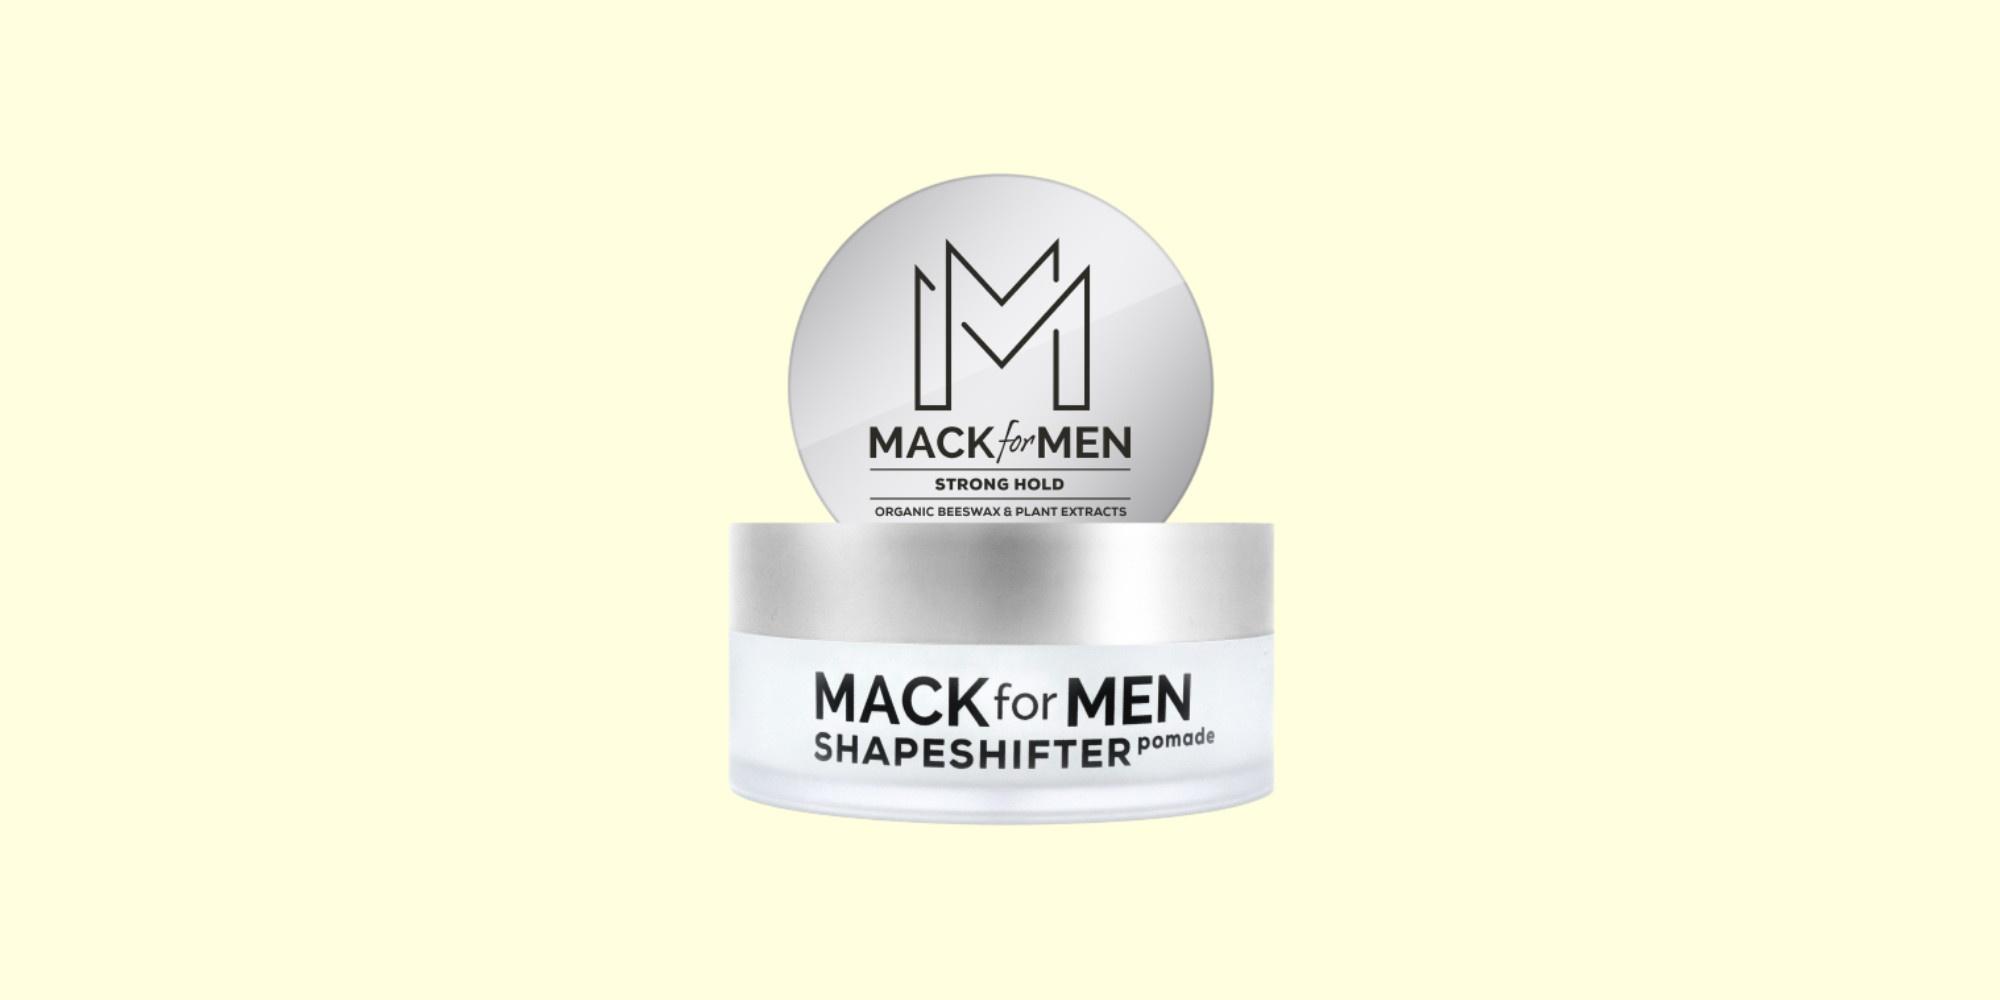 ShapeShifter Premium Hair Pomade for Men